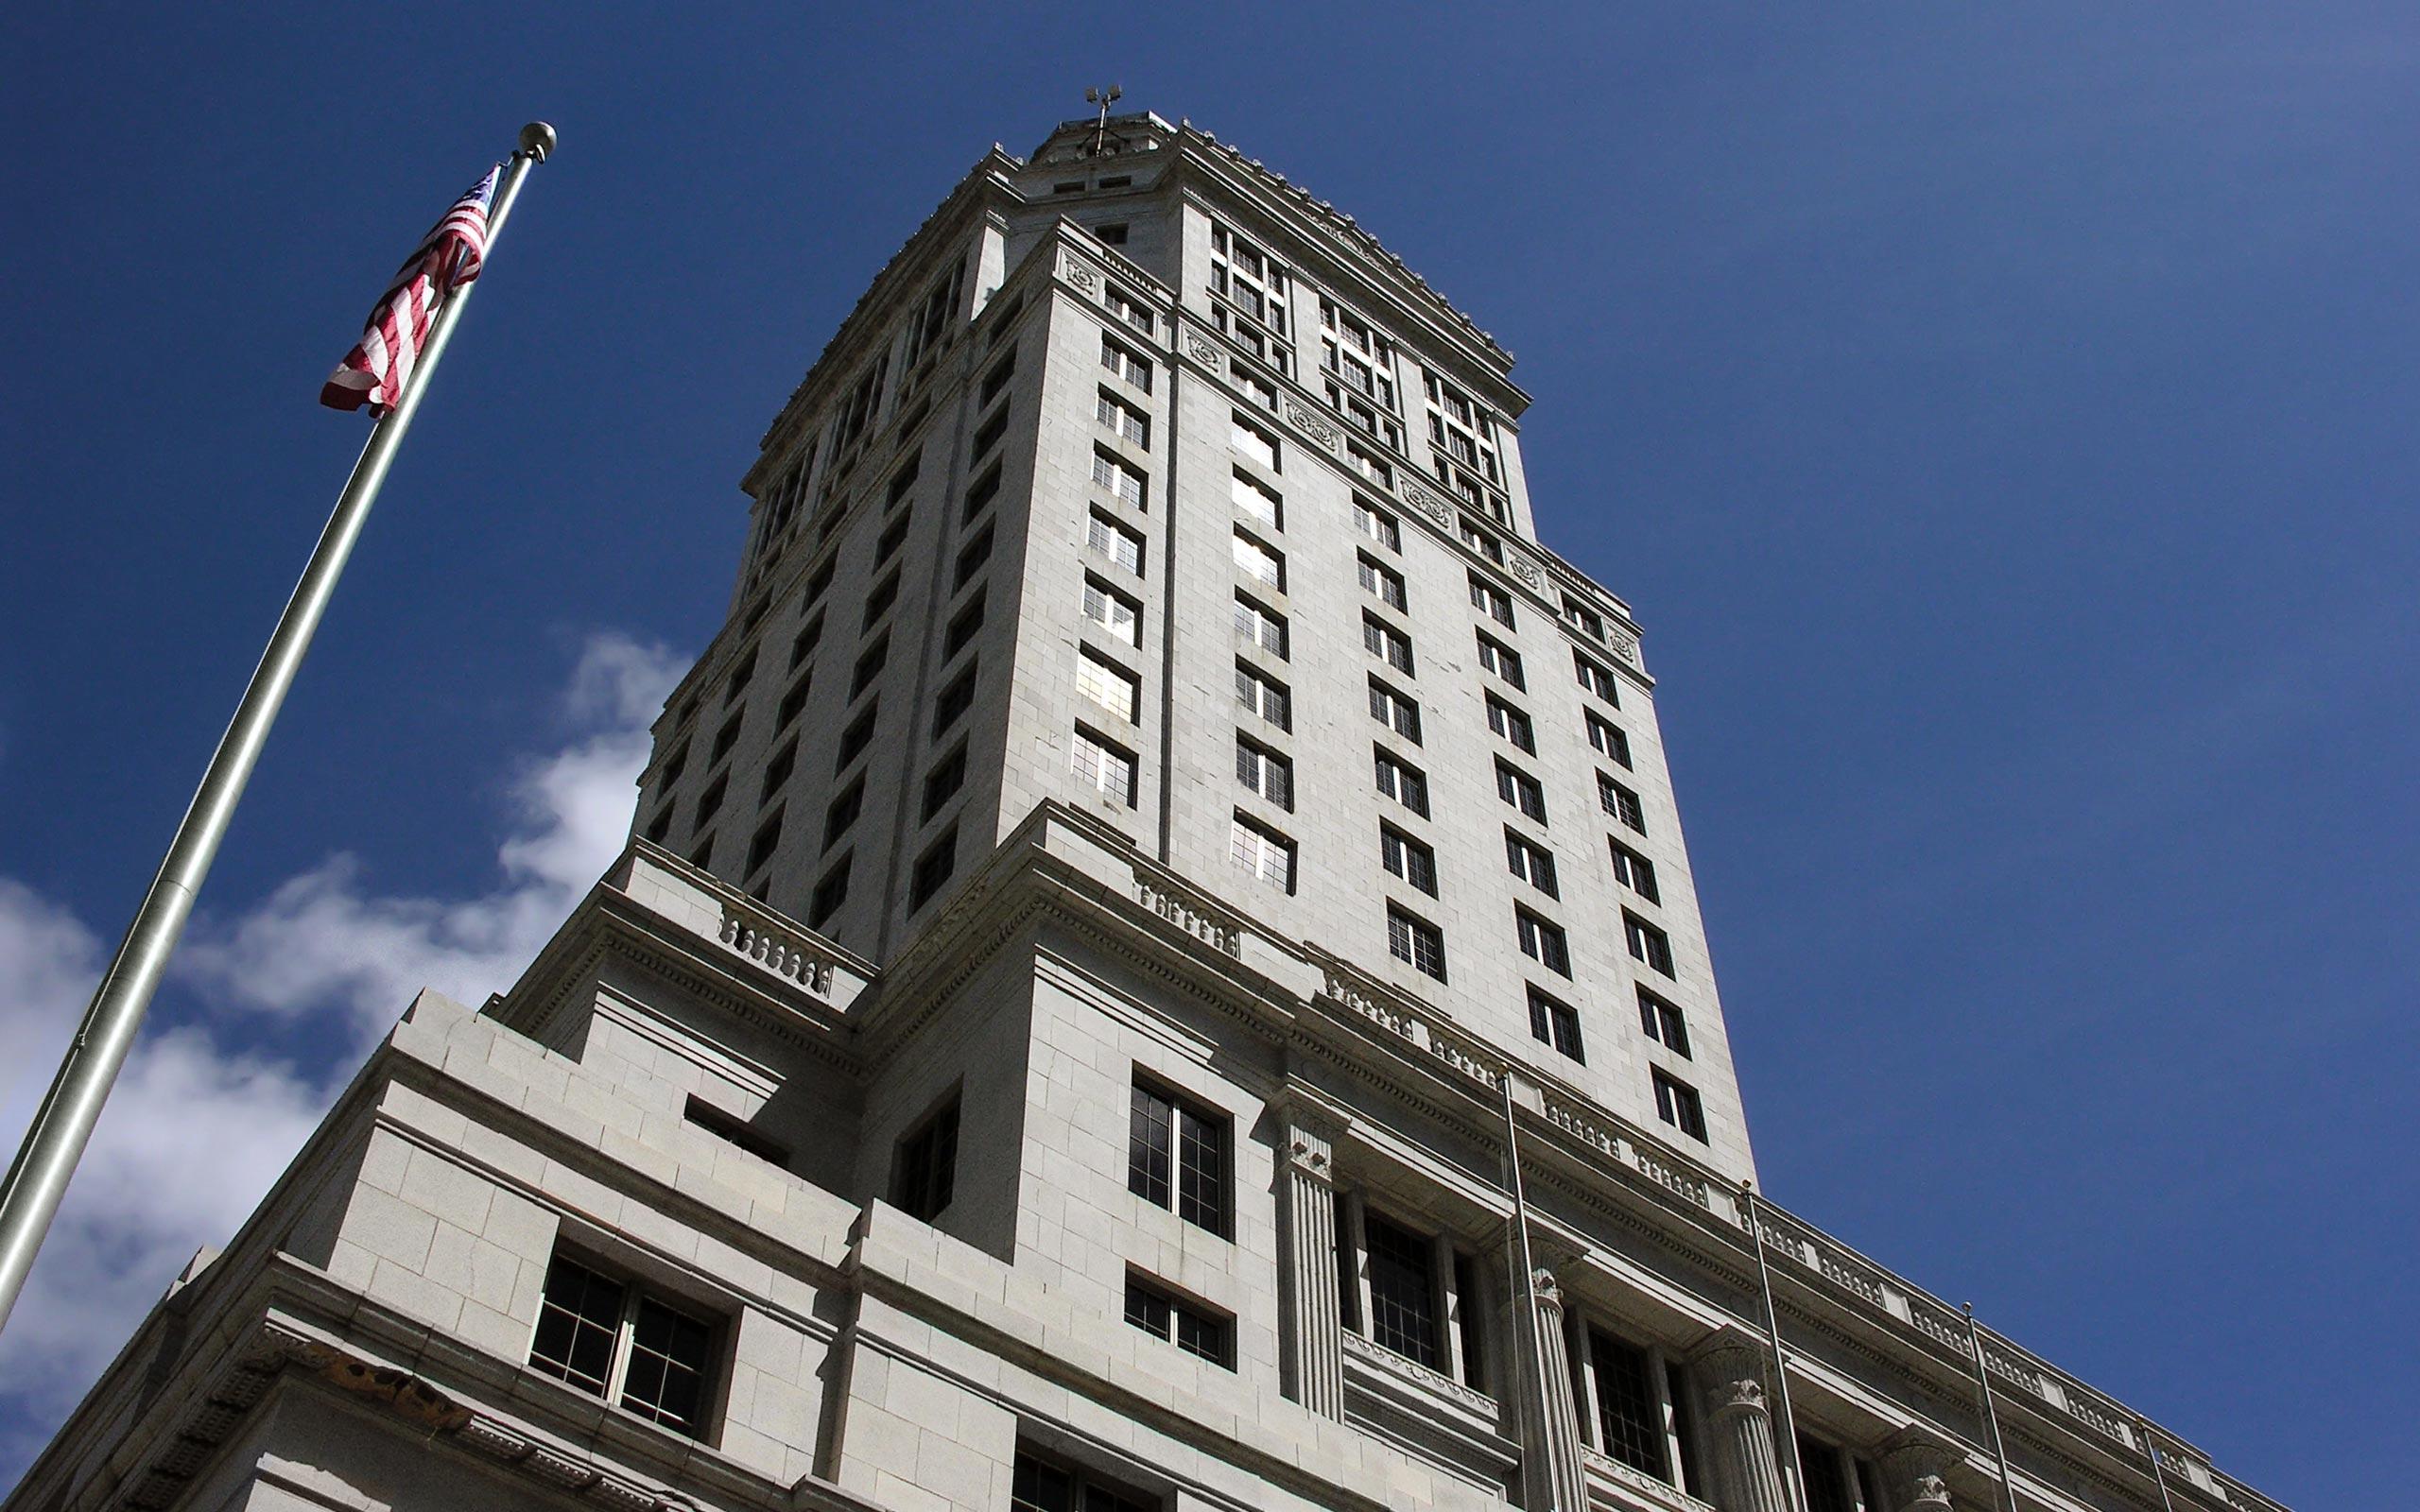 Miami Dade County Courthouse